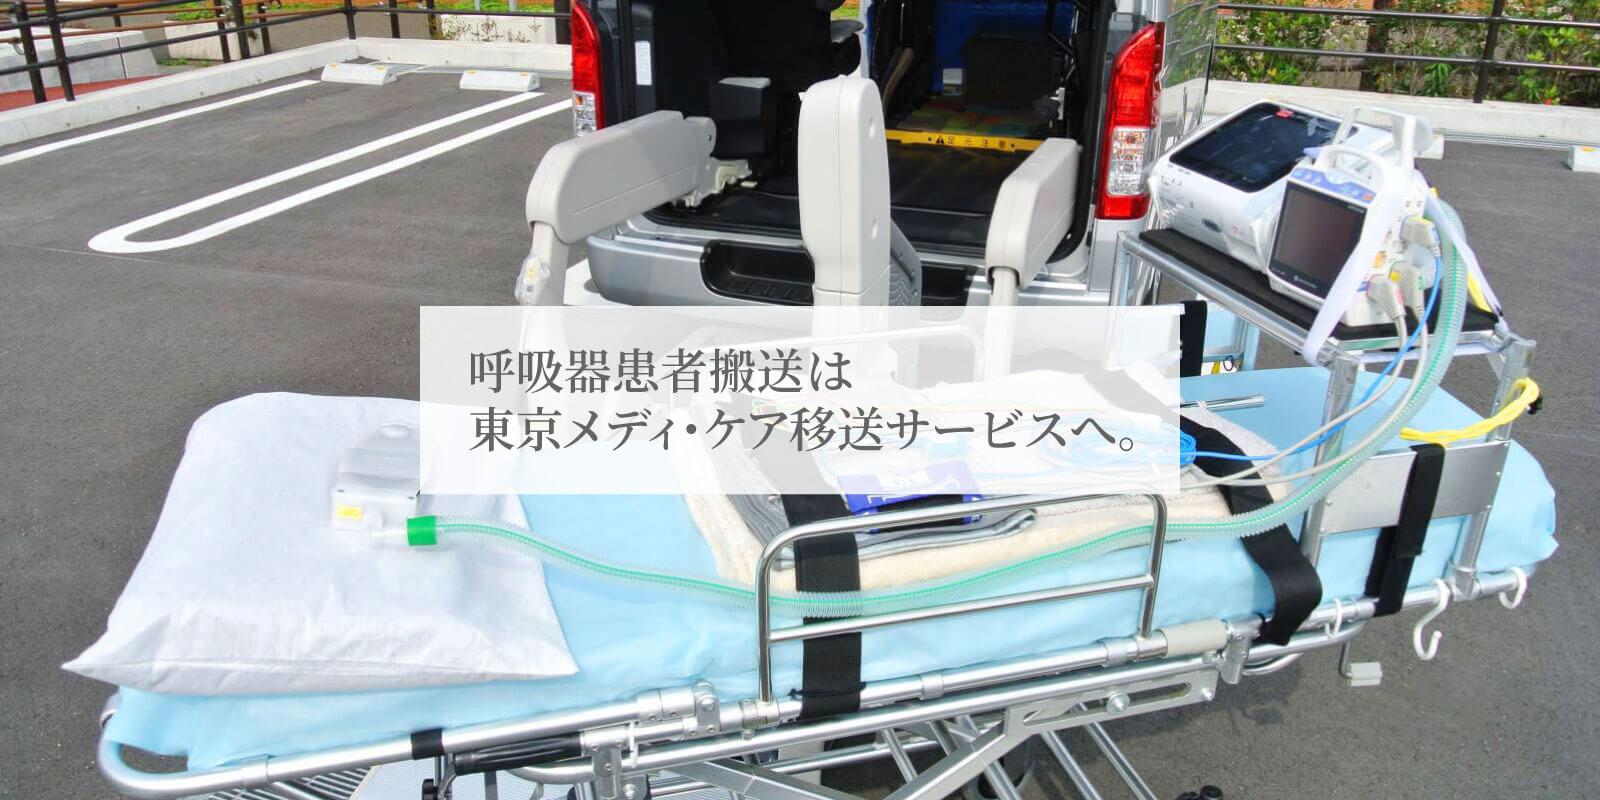 呼吸器患者搬送は東京メディ・ケア移送サービスへ。